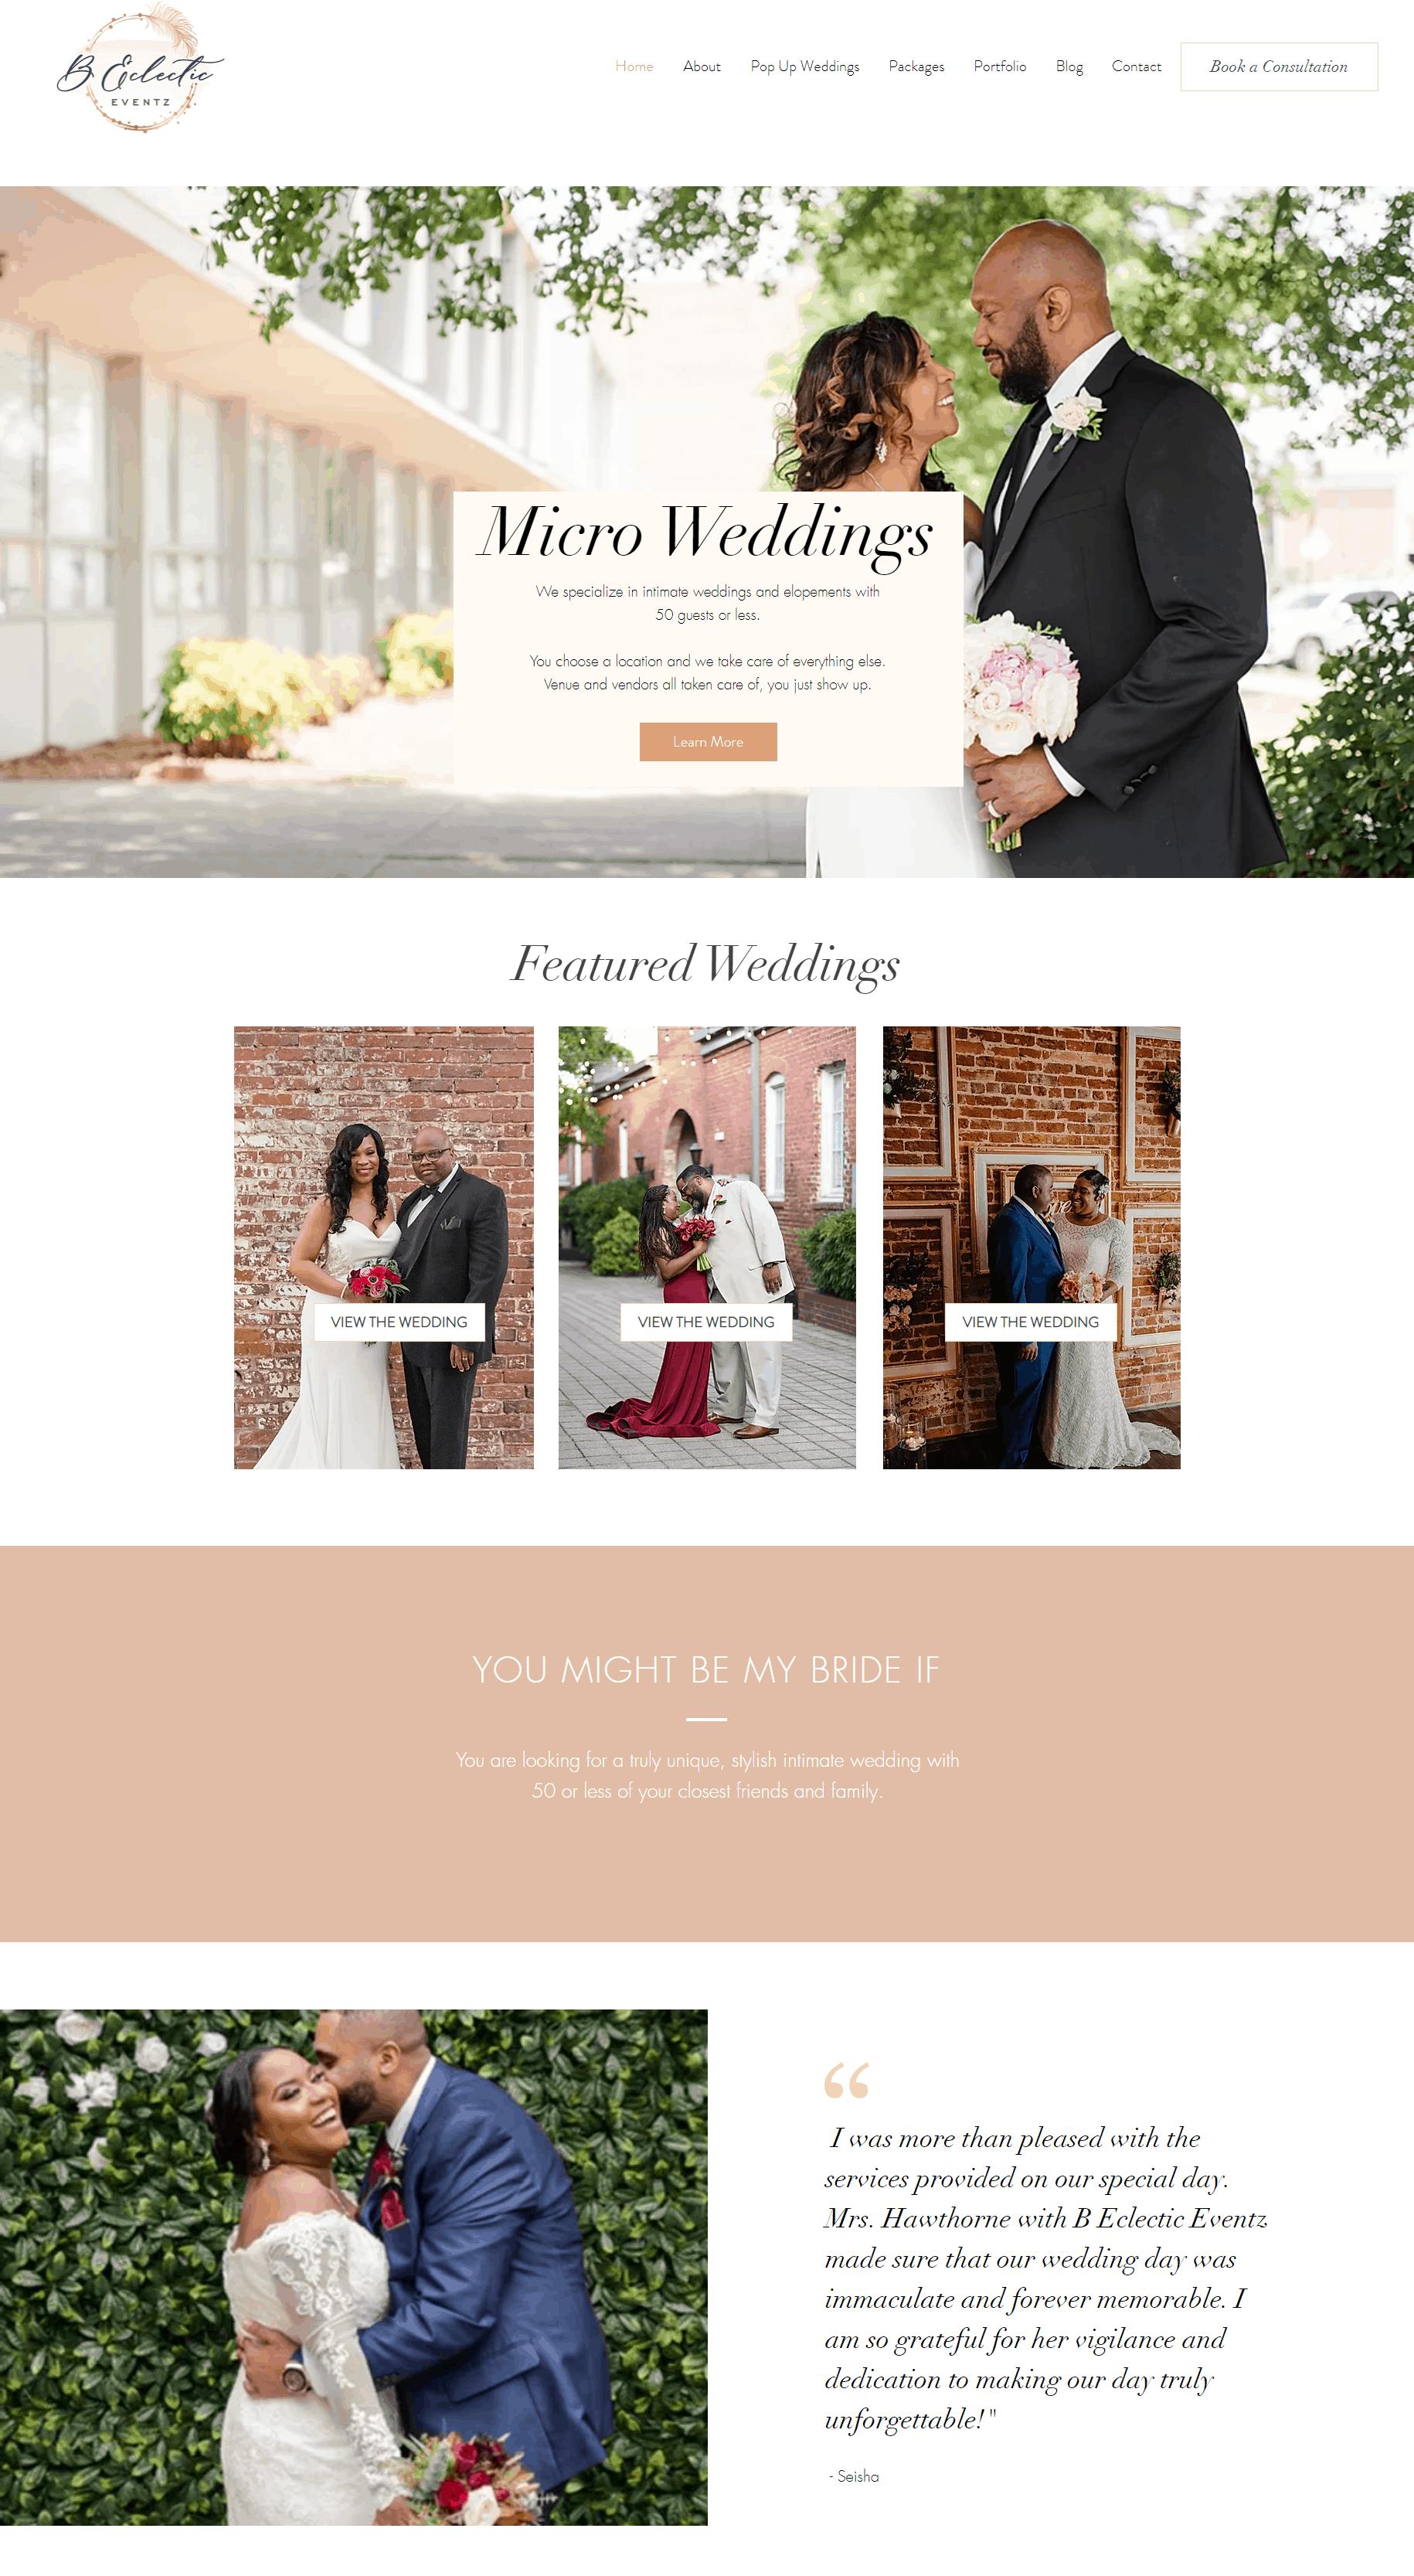 B eclectic eventz  website design AFTER